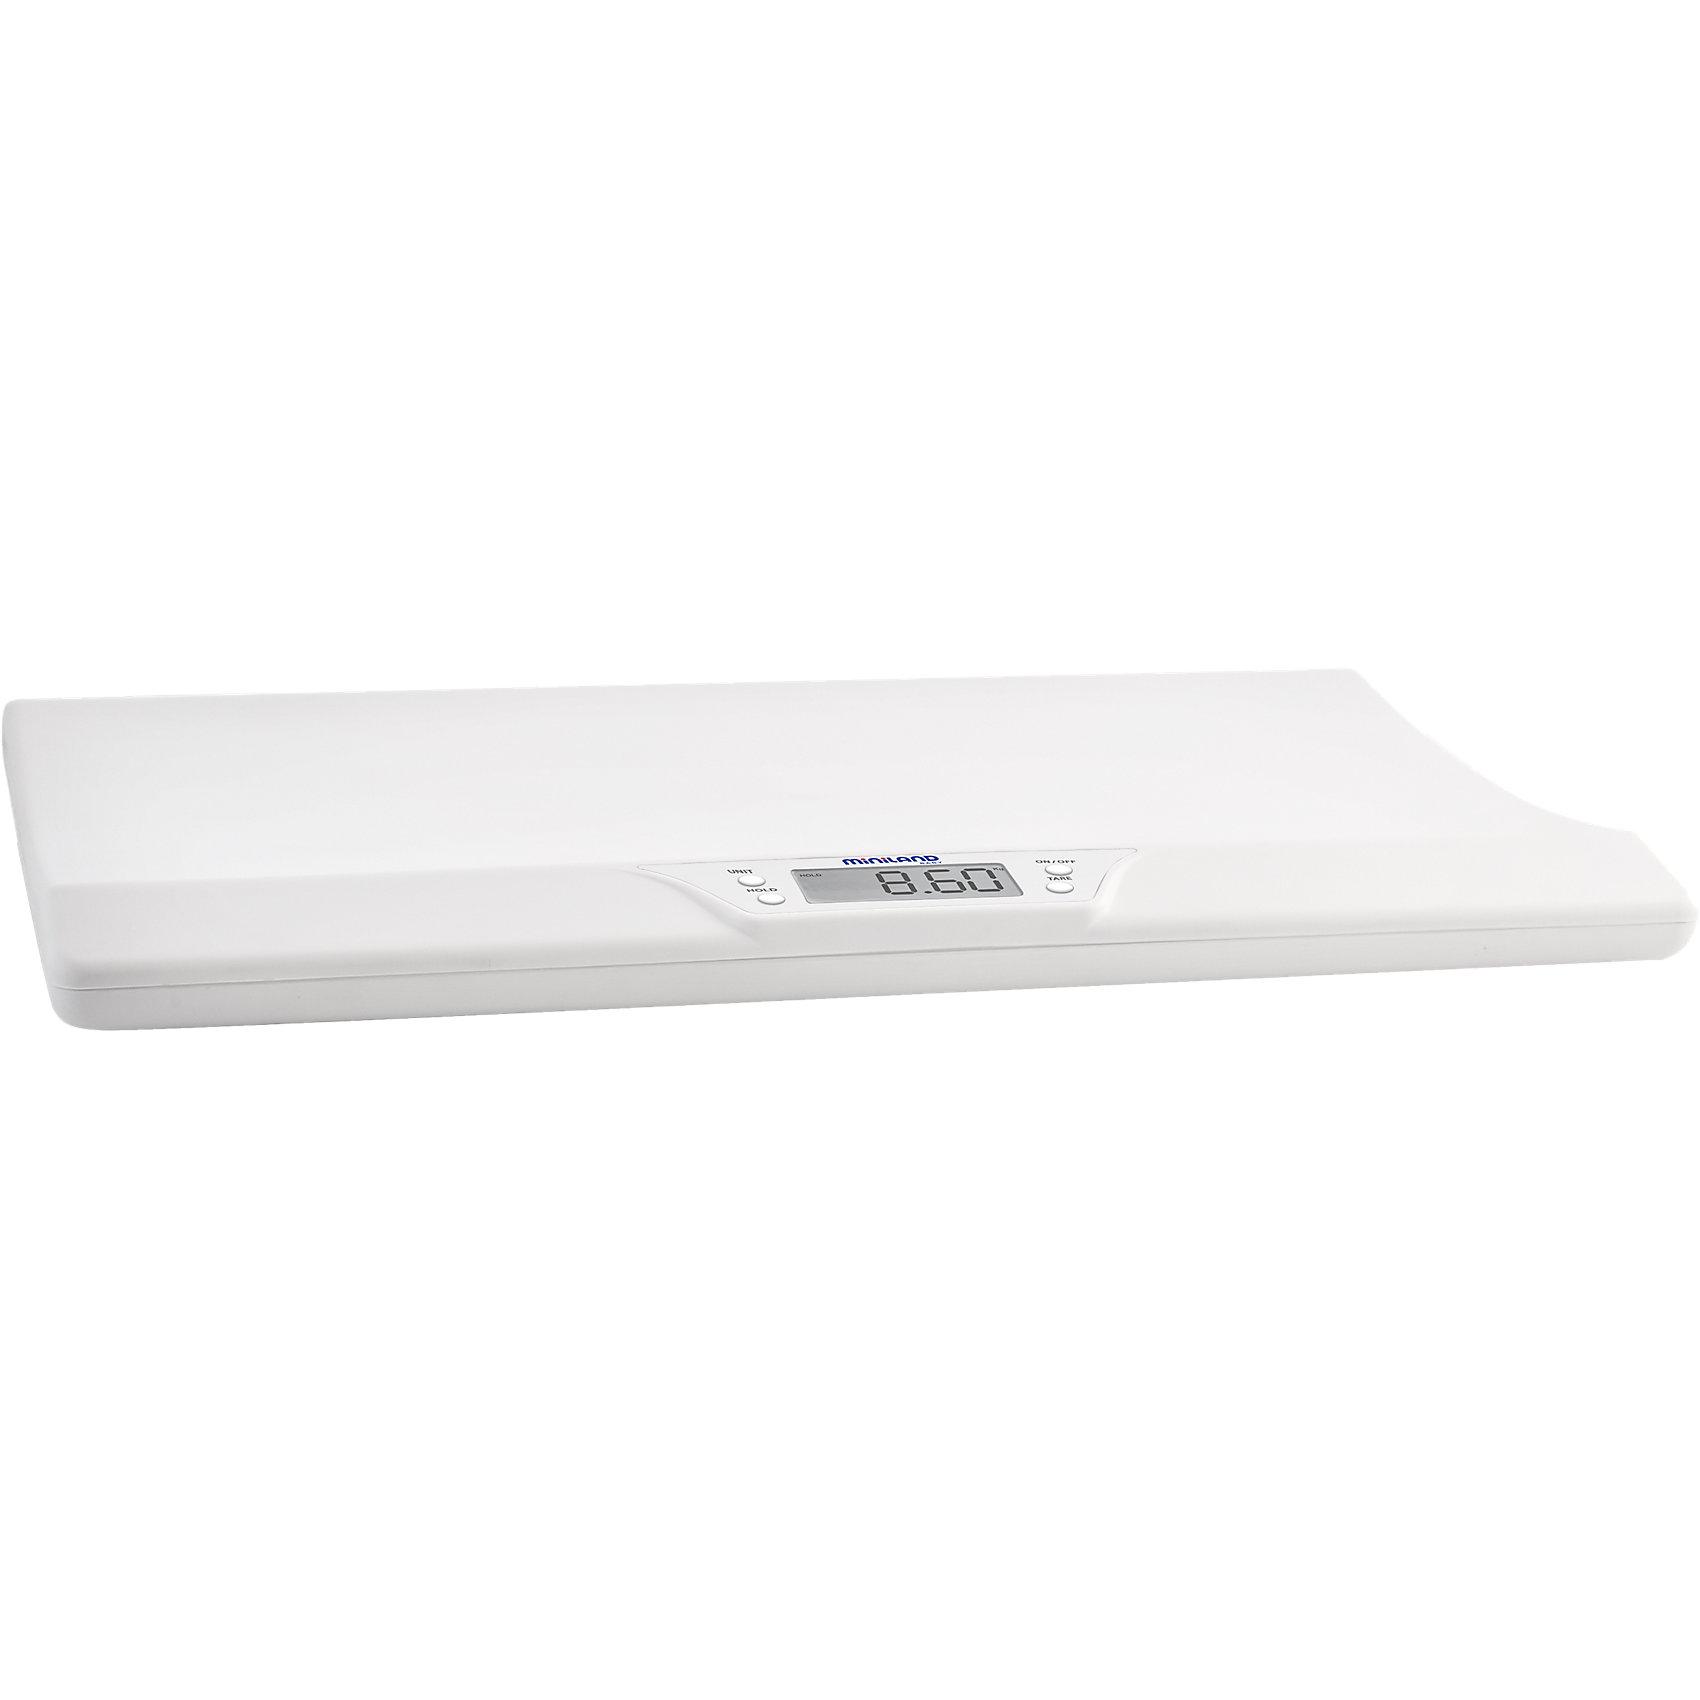 Электронные весы EMYSCALE, MinilandДетская бытовая техника<br>Электронные весы EMYSCALE, Miniland (Минилэнд).<br><br>Характеристики:<br><br>• удобный электронный дисплей<br>• сохранение последнего взвешивания<br>• подходит даже для активных детей<br>• максимальная нагрузка: 20 кг<br>• индикатор при превышении допустимого веса<br>• автоматическое отключение<br>• индикатор необходимости замены батареек<br>• материал: пластик<br>• вес: 2 кг<br><br>Электронные весы EMYSCALE, Miniland предназначены для взвешивания детей весом до 20 кг. В случае превышения допустимого веса, весы оповестят вас. Удобные бортики по краям защитят малыша от падения. Использовать весы можно даже если ребенок шевелится, что будет особенно удобно для родителей активных детей. С помощью приложения на смартфоне вы можете следить за графиком веса малыша.<br><br>Электронные весы EMYSCALE, Miniland (Минилэнд) вы можете купить в нашем интернет-магазине.<br><br>Ширина мм: 584<br>Глубина мм: 383<br>Высота мм: 71<br>Вес г: 2036<br>Цвет: белый<br>Возраст от месяцев: 0<br>Возраст до месяцев: 36<br>Пол: Унисекс<br>Возраст: Детский<br>SKU: 5089914